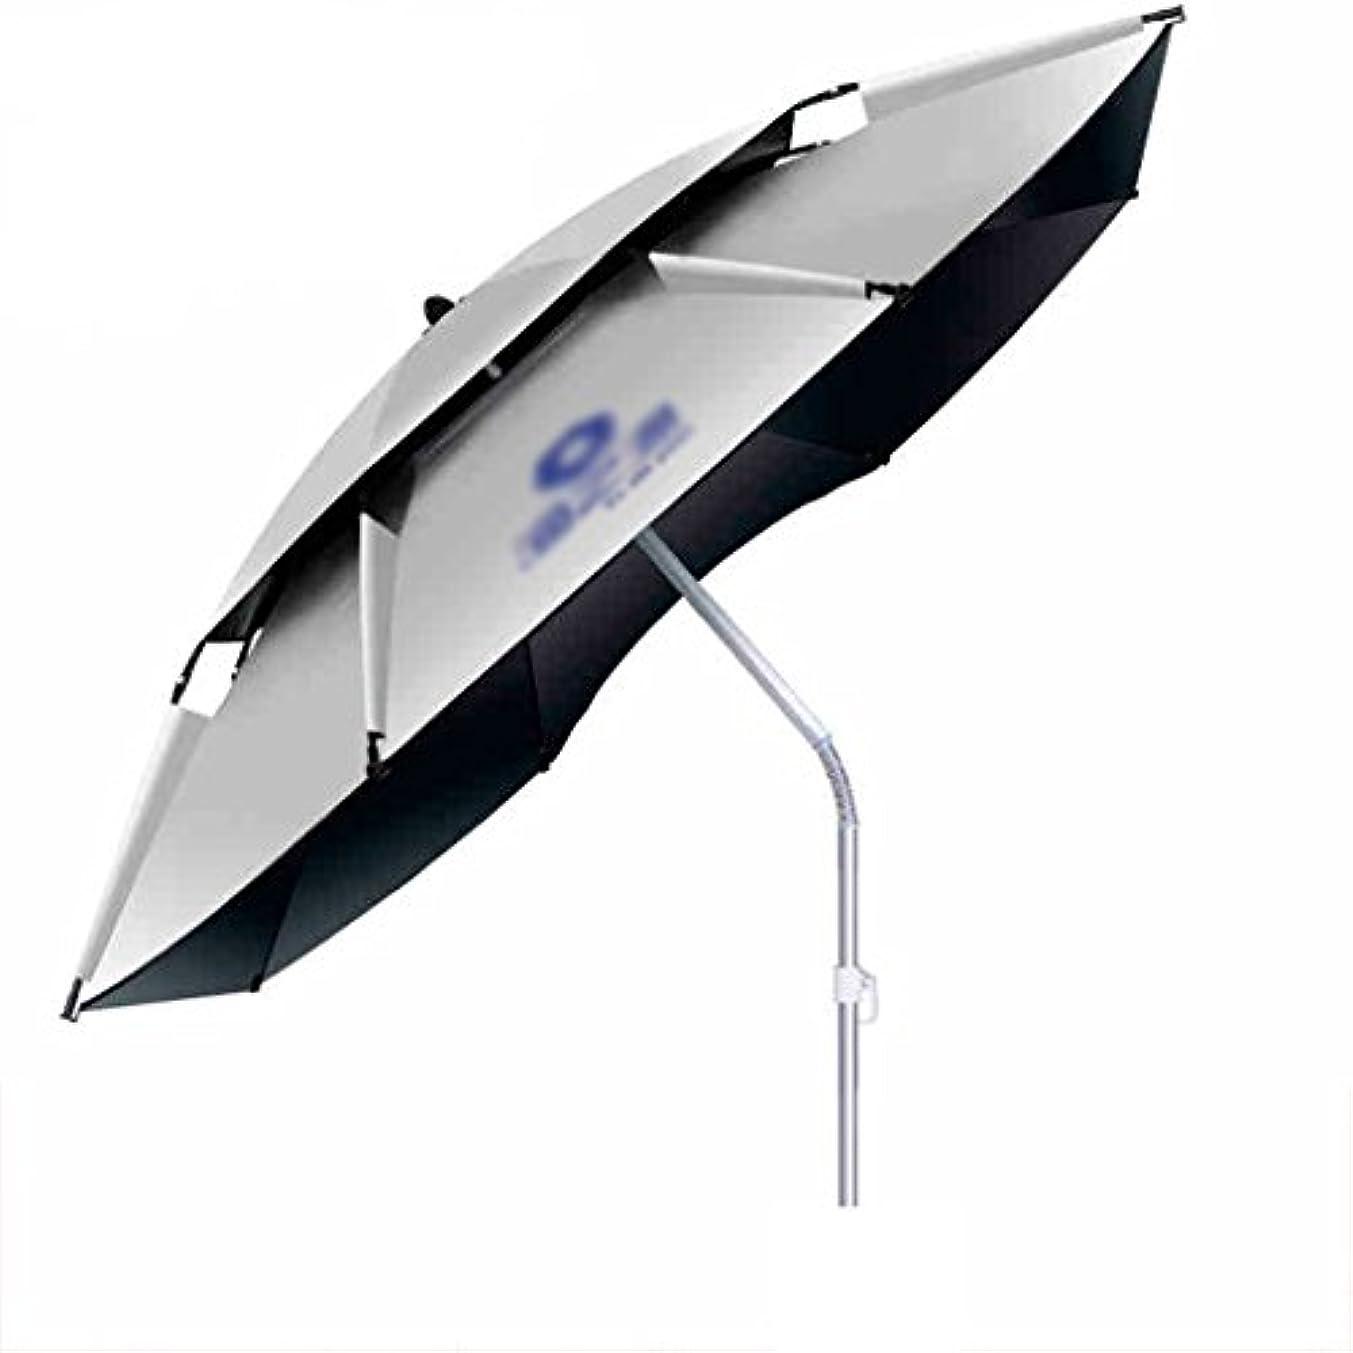 どれでも馬鹿げたサイバースペースLSS 屋外アンブレラ|釣り傘|傘| 2.4厚い魚の傘| 2.2メーター|ユニバーサル|アンチアンブレラ|釣り傘|フィッシングギア|屋外釣りの傘 (サイズ さいず : 240cm)